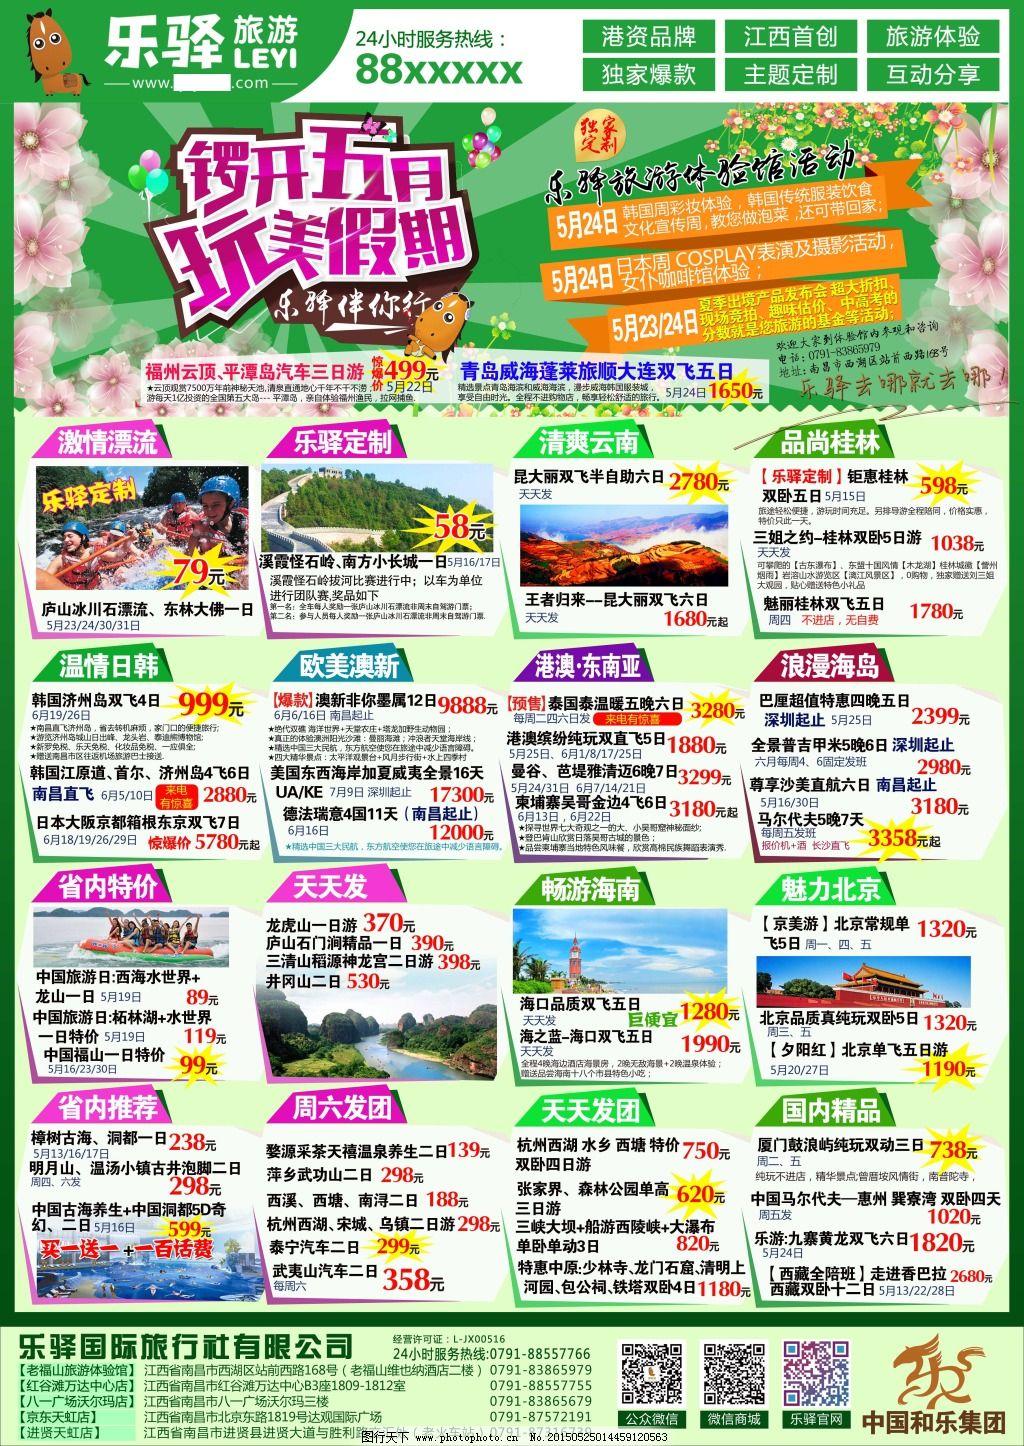 旅行社报纸广告设计沈阳别墅装修公司设计师图片